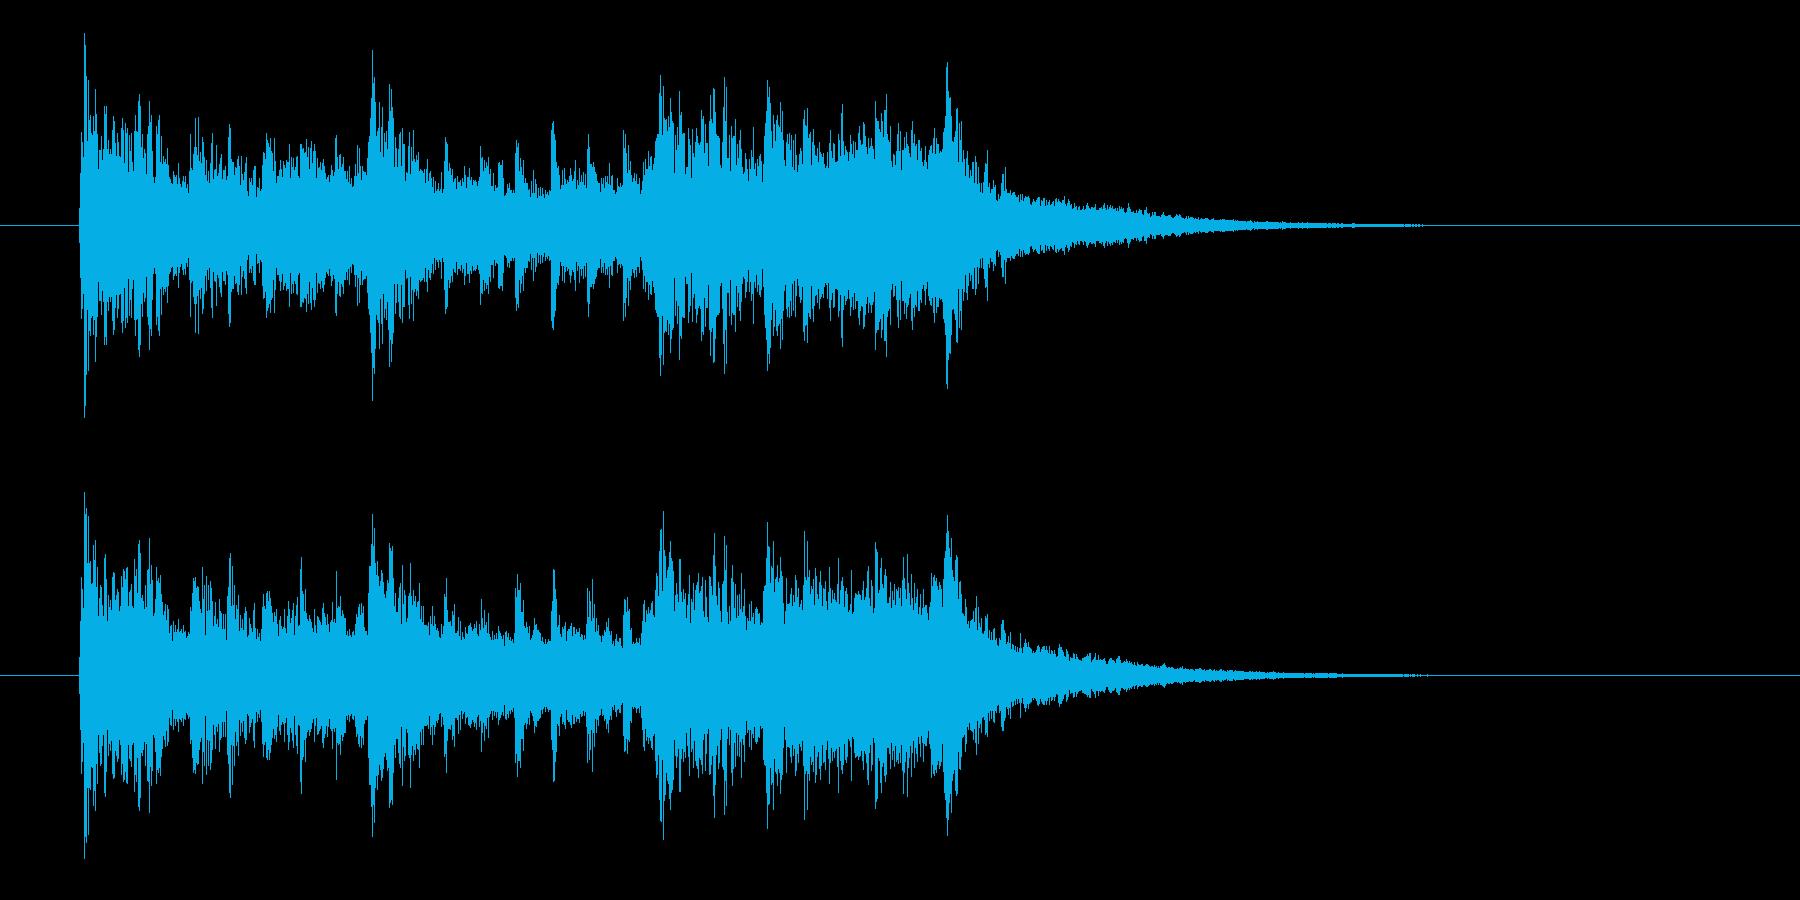 歪んだギターのジングル曲、サウンドロゴの再生済みの波形